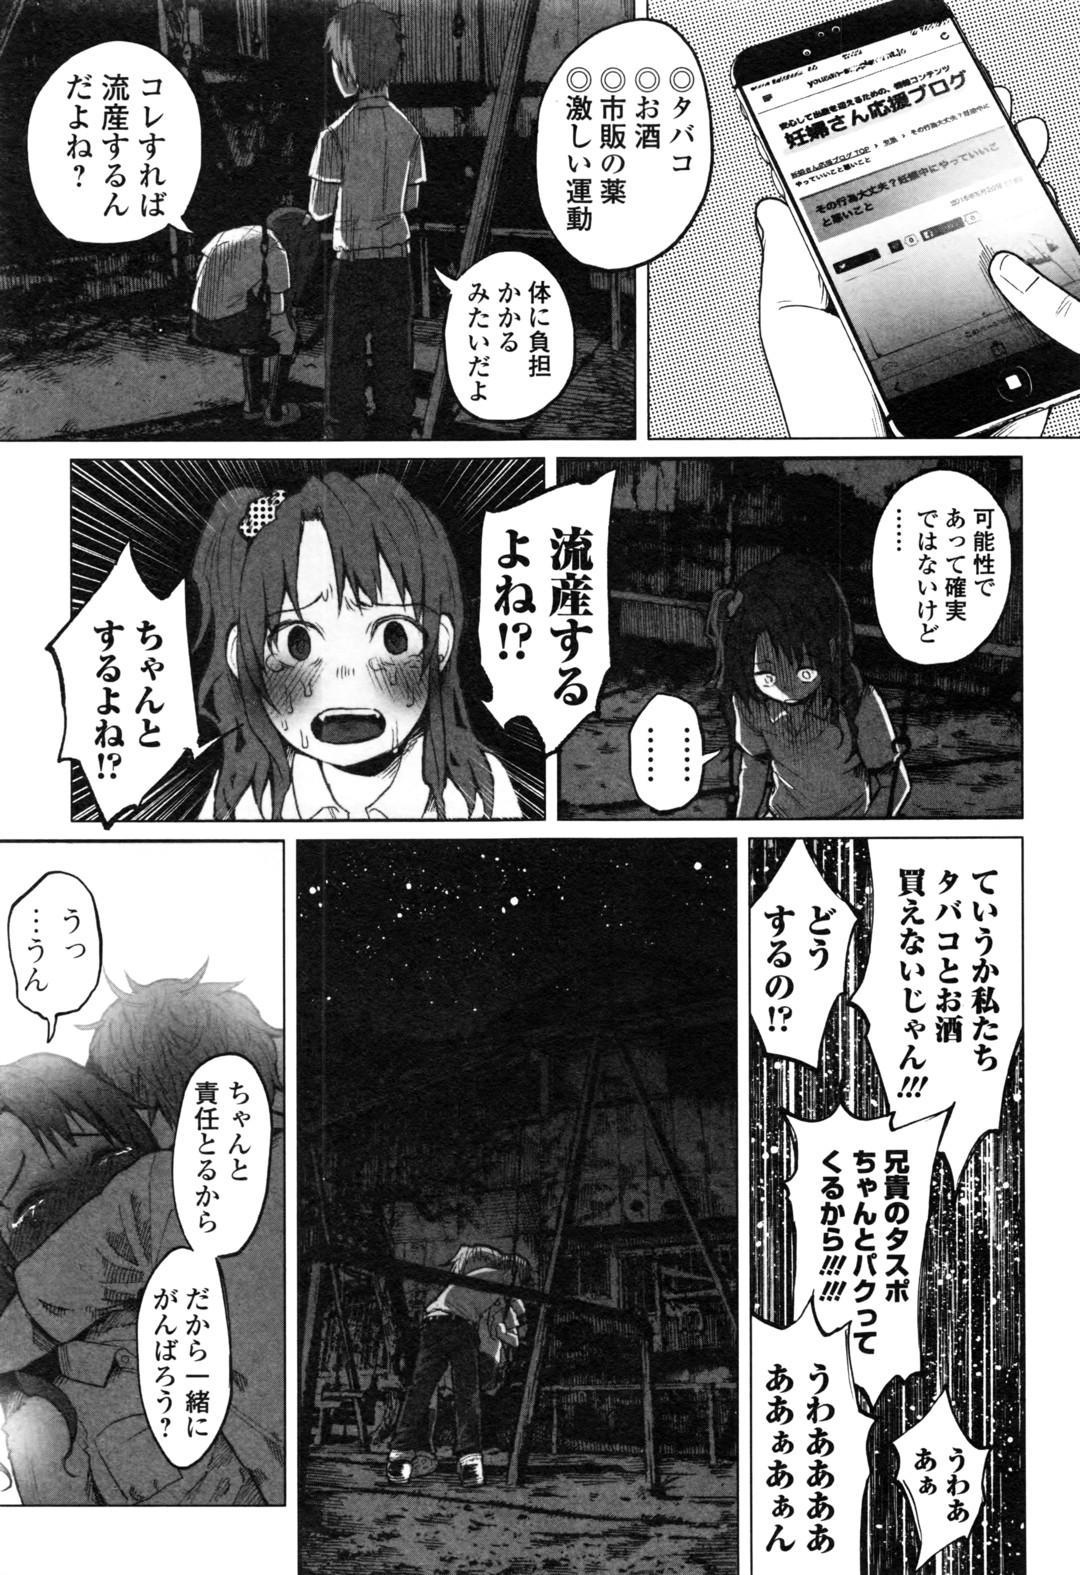 【エロ漫画】妊娠したJCを流産させようと腹をボッコボコに蹴り飛ばし絞首レイプwww